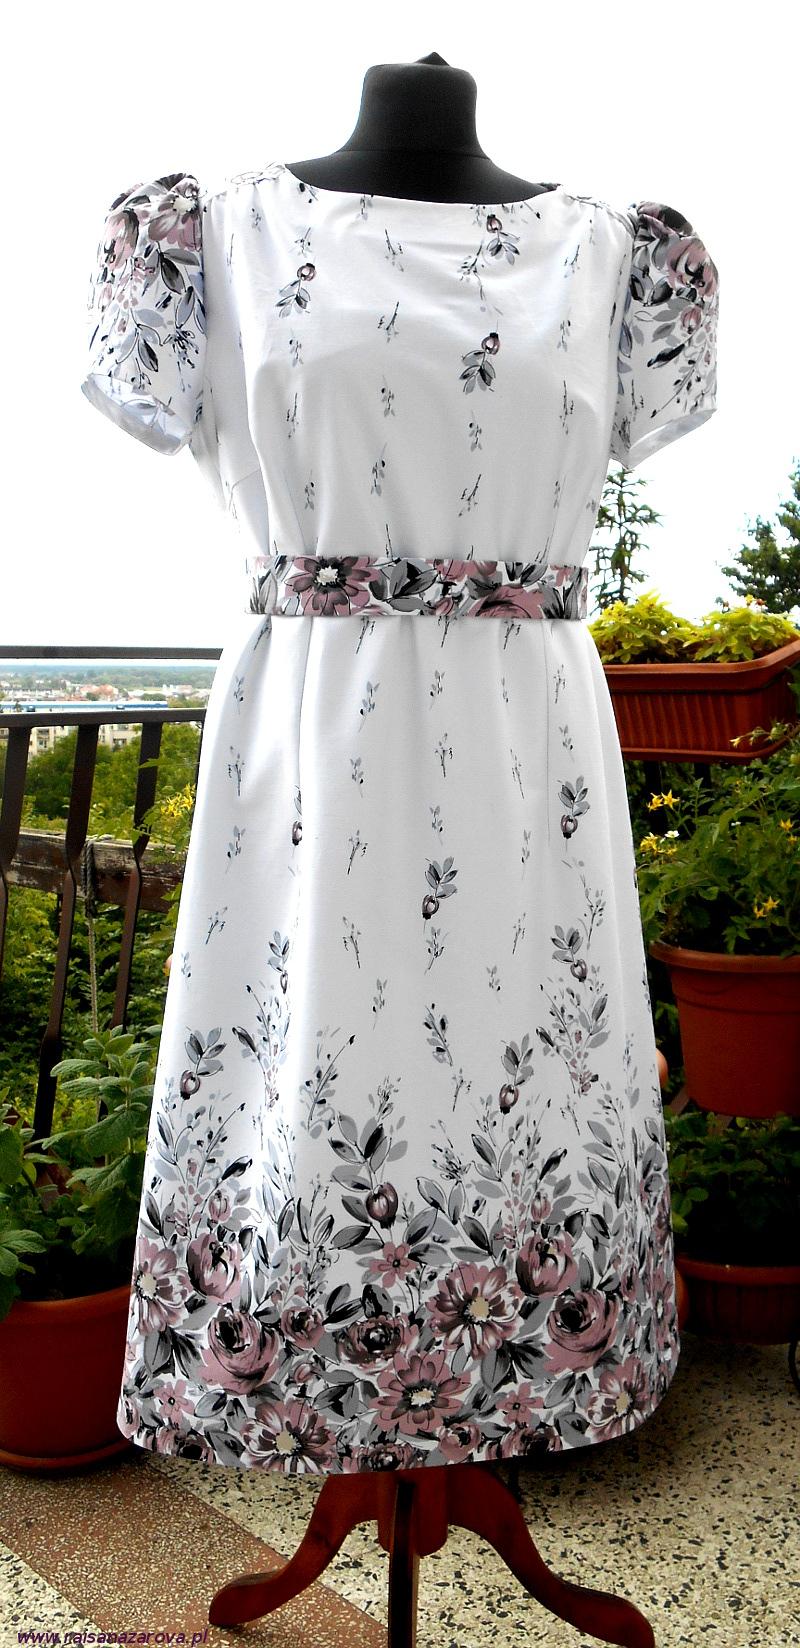 1 sukienka mamy przód